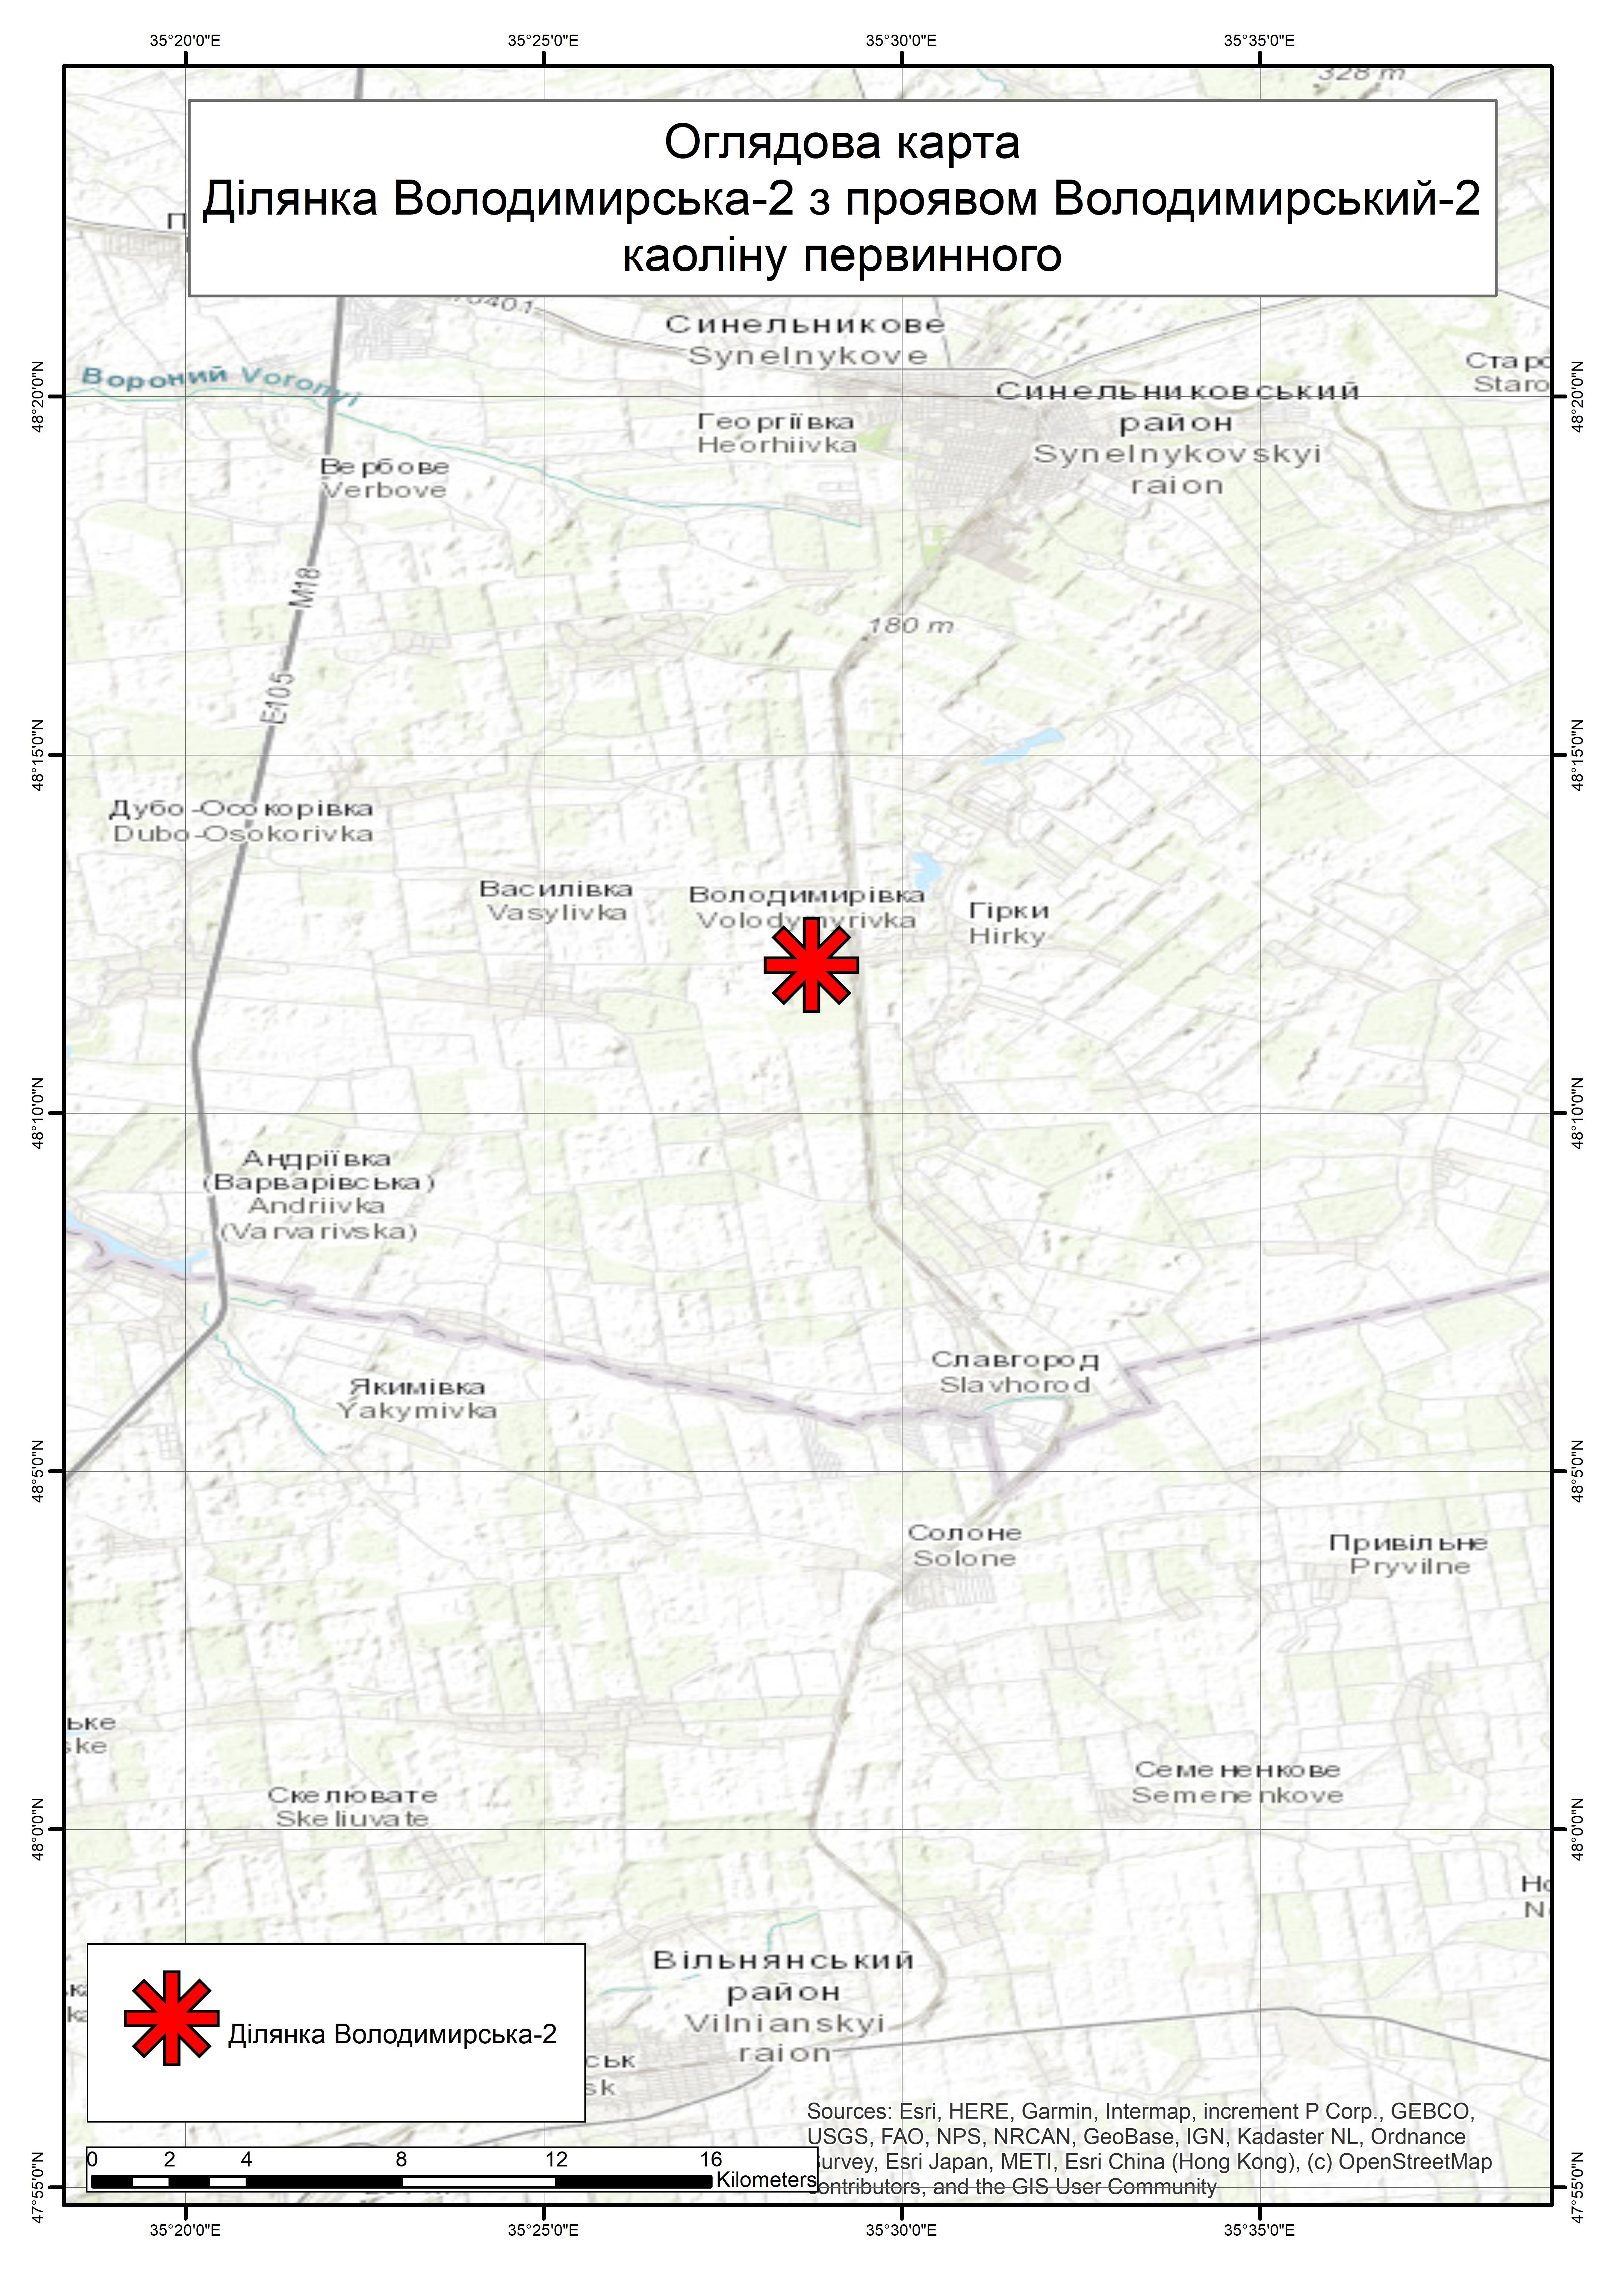 Спеціальний дозвіл на користування надрами – Ділянка Володимирська-2 з проявом Володимирський-2. Вартість геологічної інформації – 59 889,63 грн (з ПДВ). Вартість пакету аукціонної документації – 5 937,42  (з ПДВ).